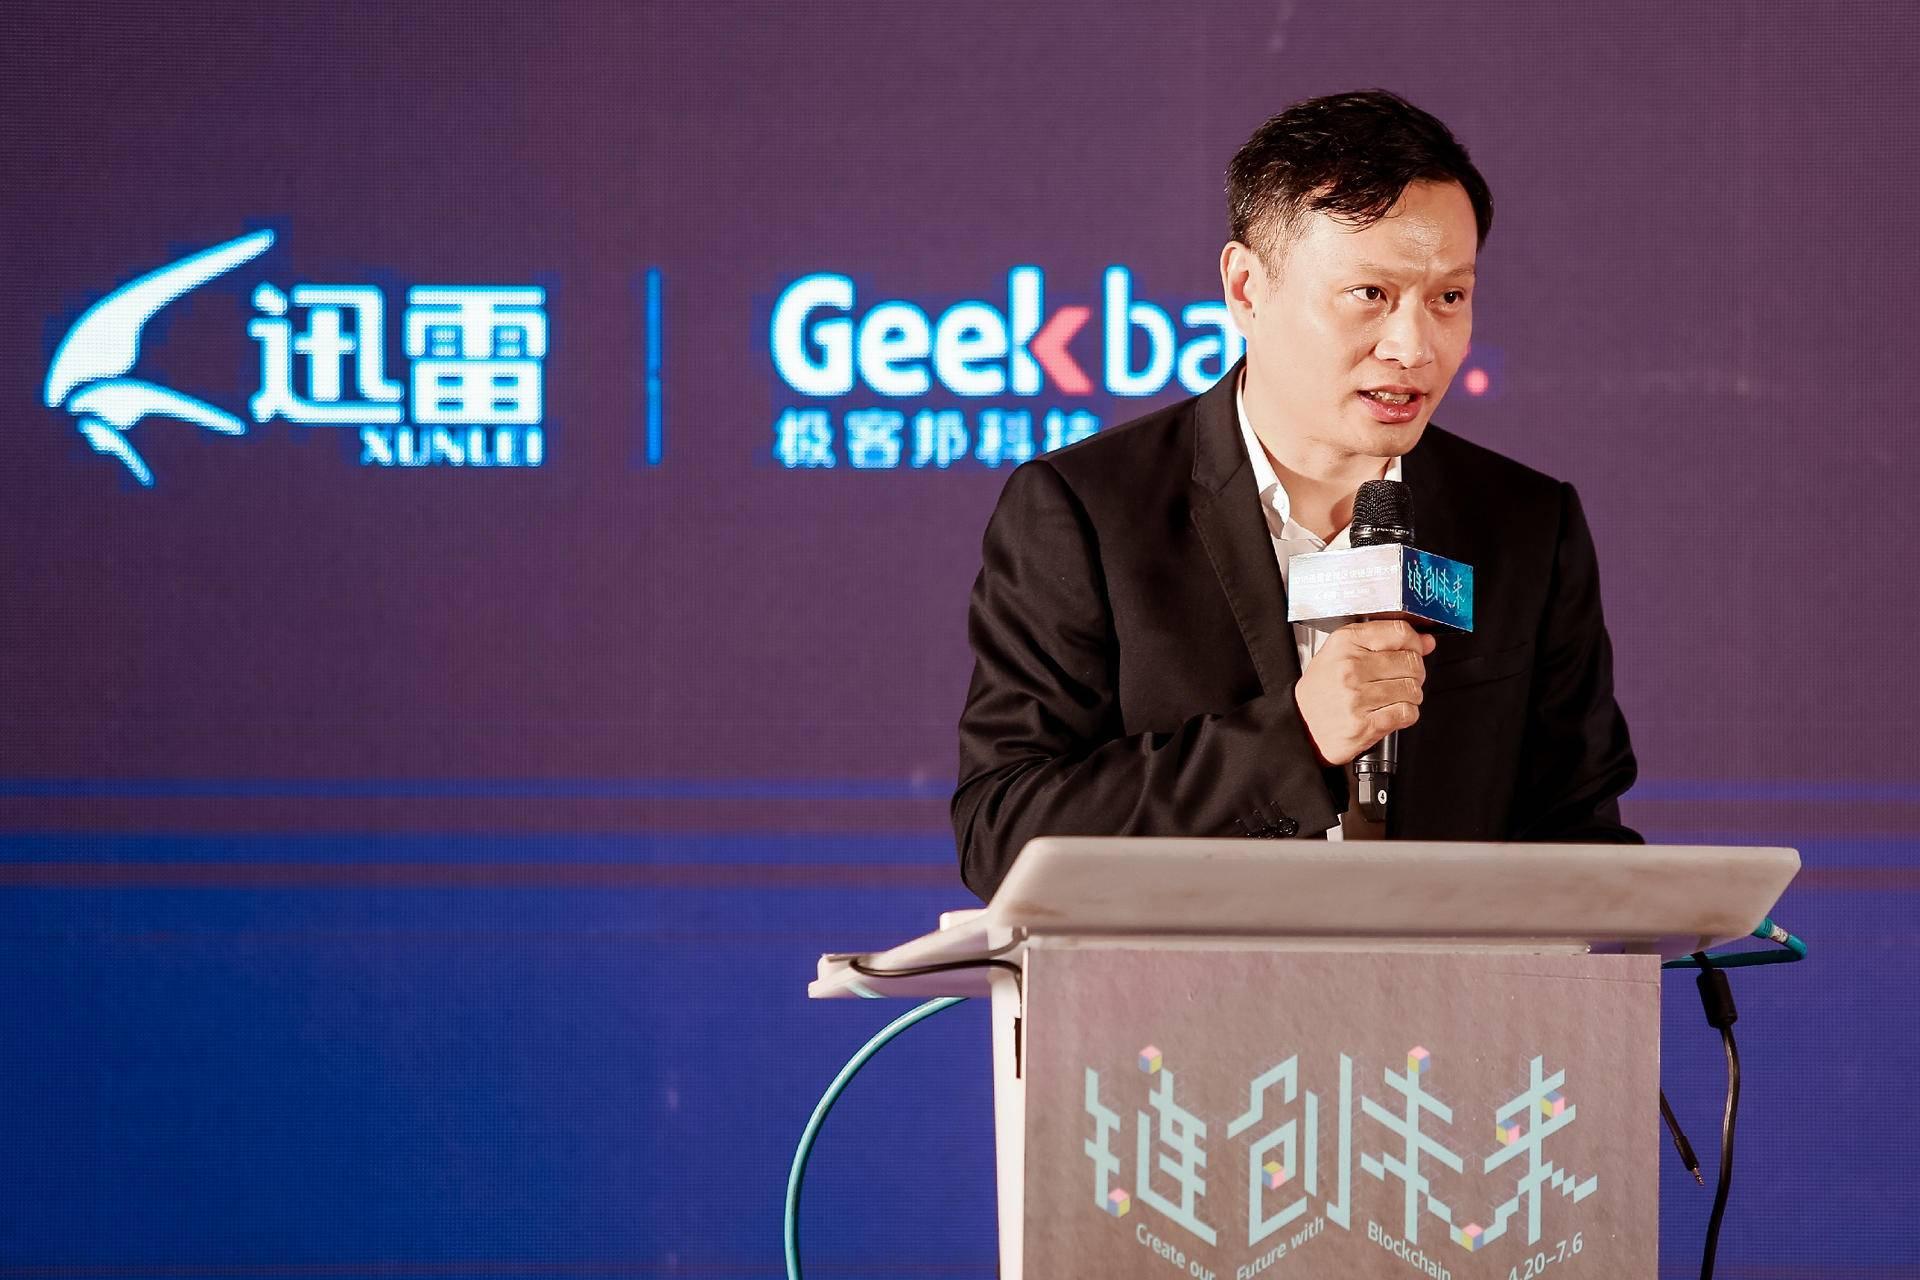 迅雷前CEO陈磊:区块链变革的一去不复返